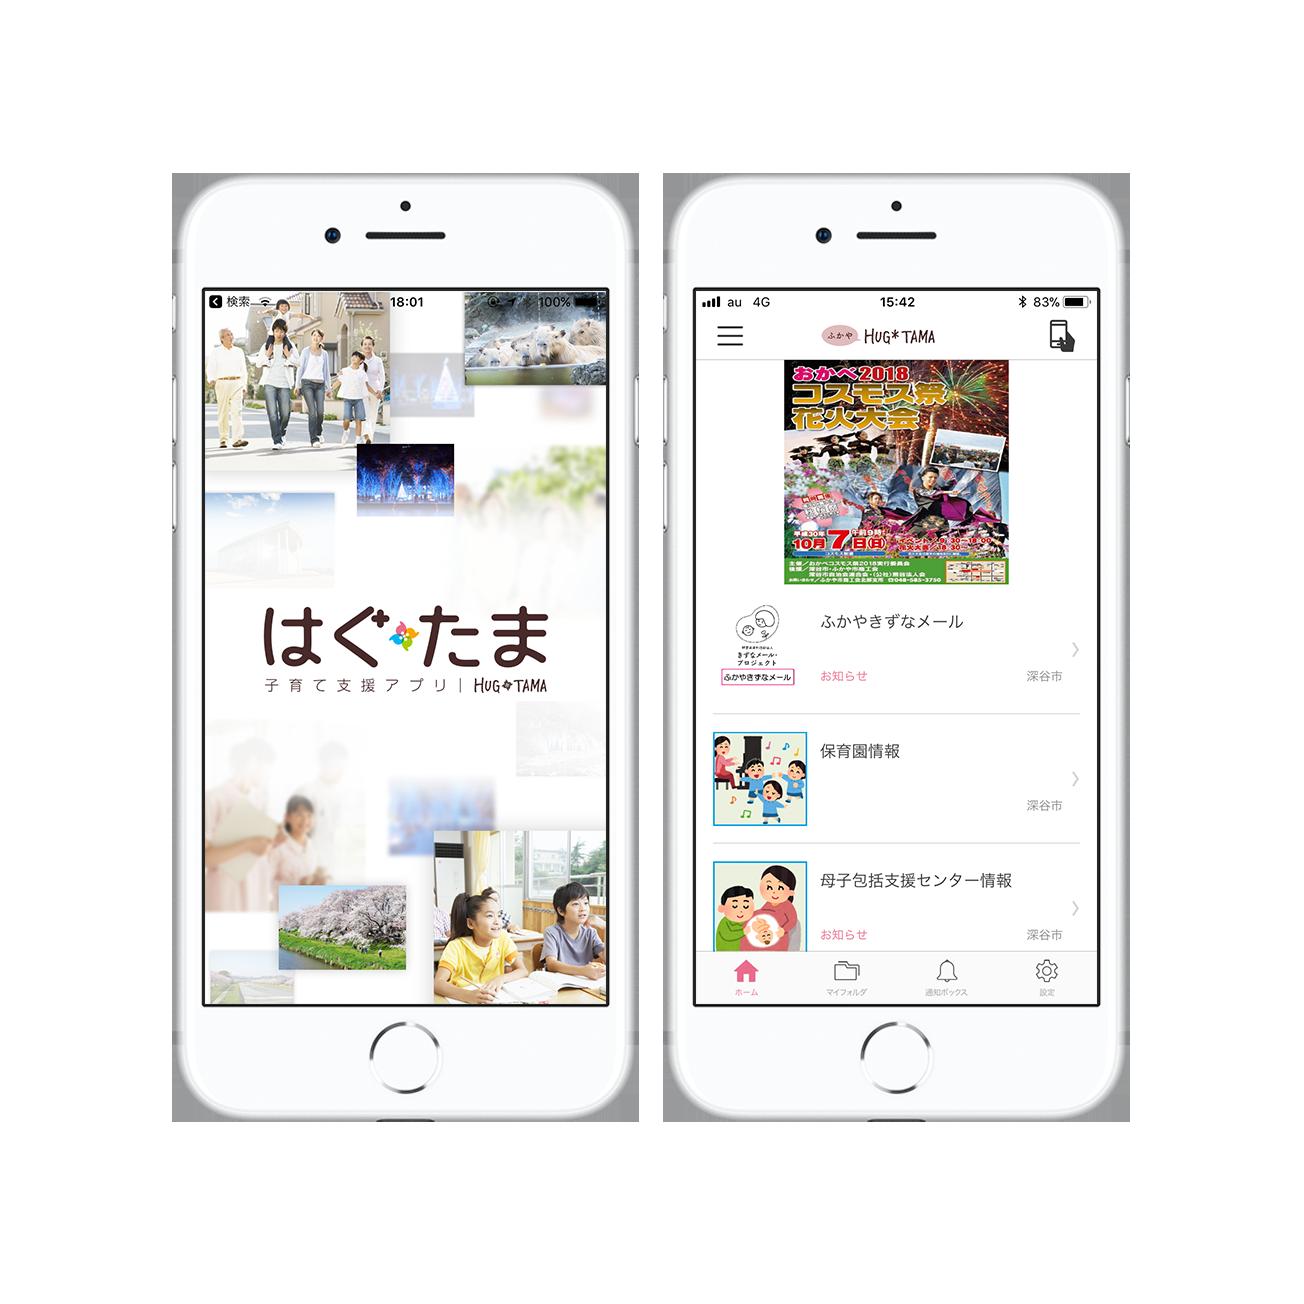 埼玉県と県内の市町村が、子育てに役立つ情報を提供する子育て支援アプリです。